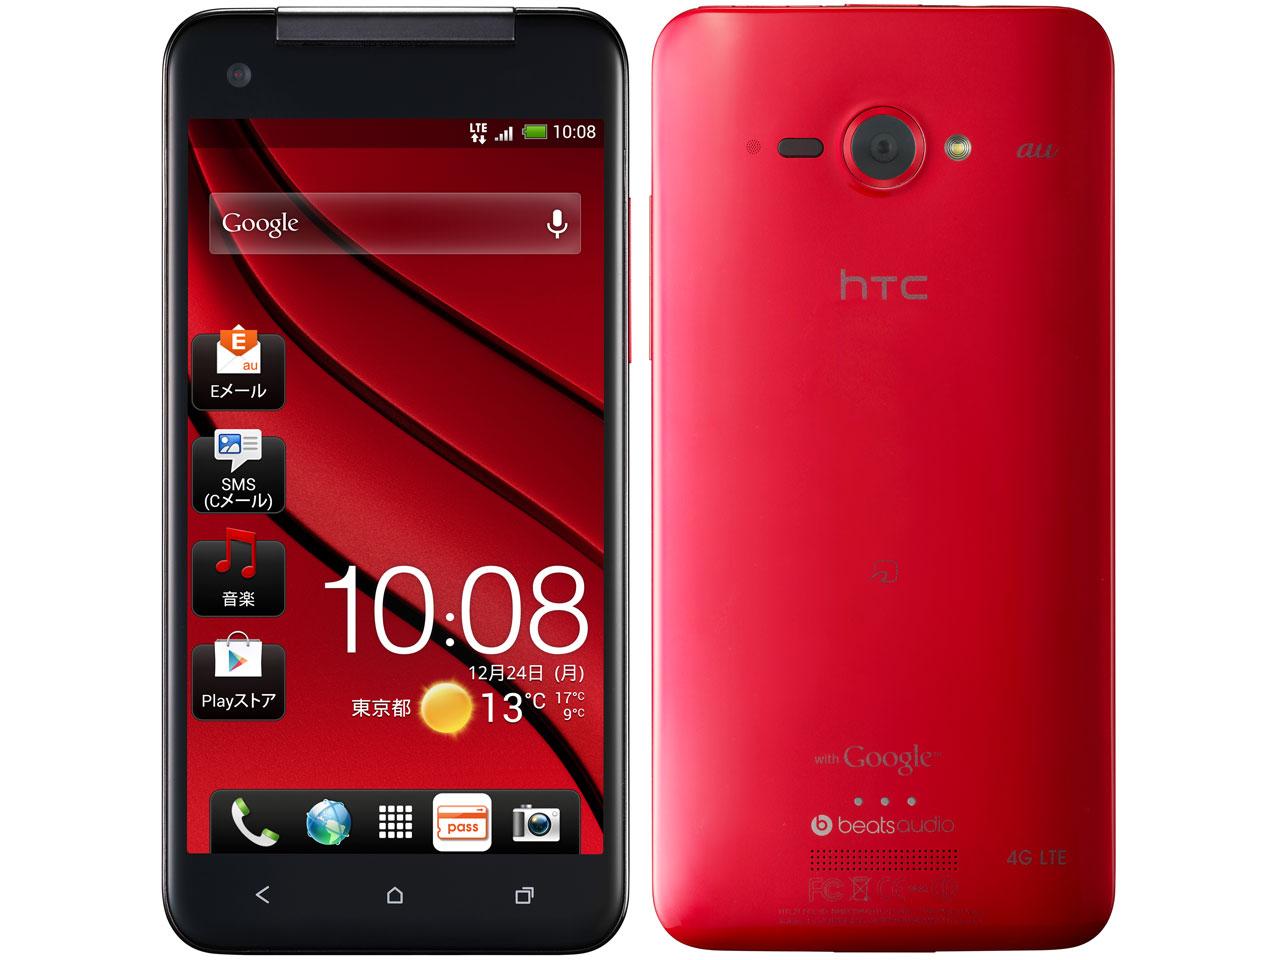 HTC HTC J butterfly HTL21 製品画像